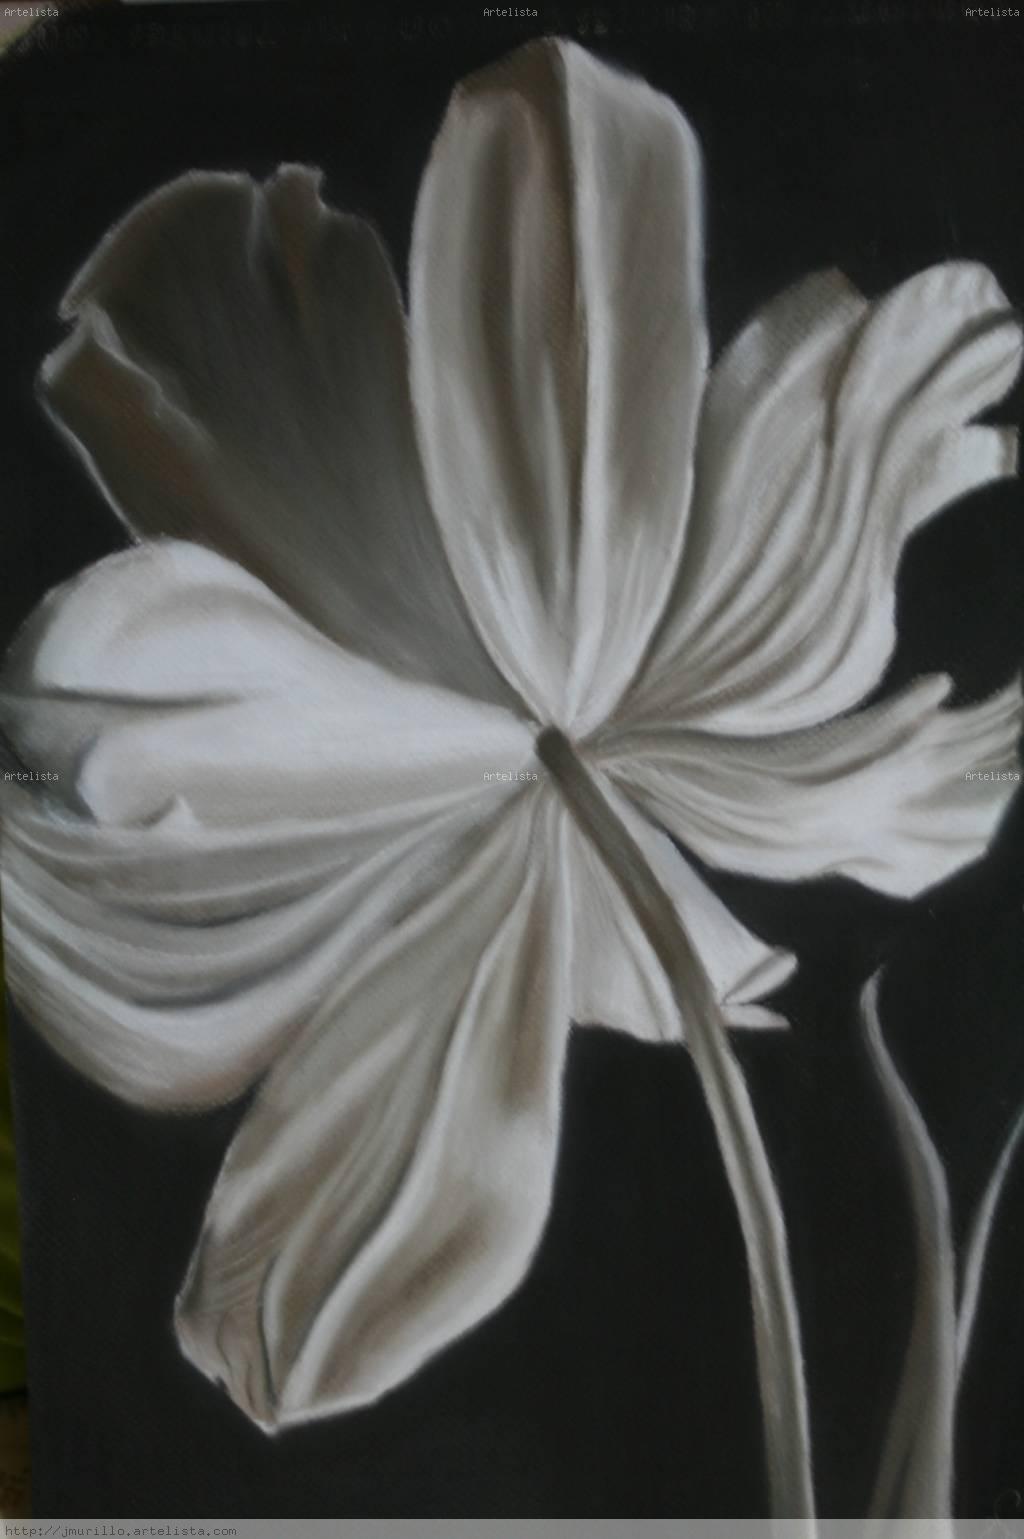 Blanco y negro julio alvarez sanchez - Papel pintado blanco y negro ...